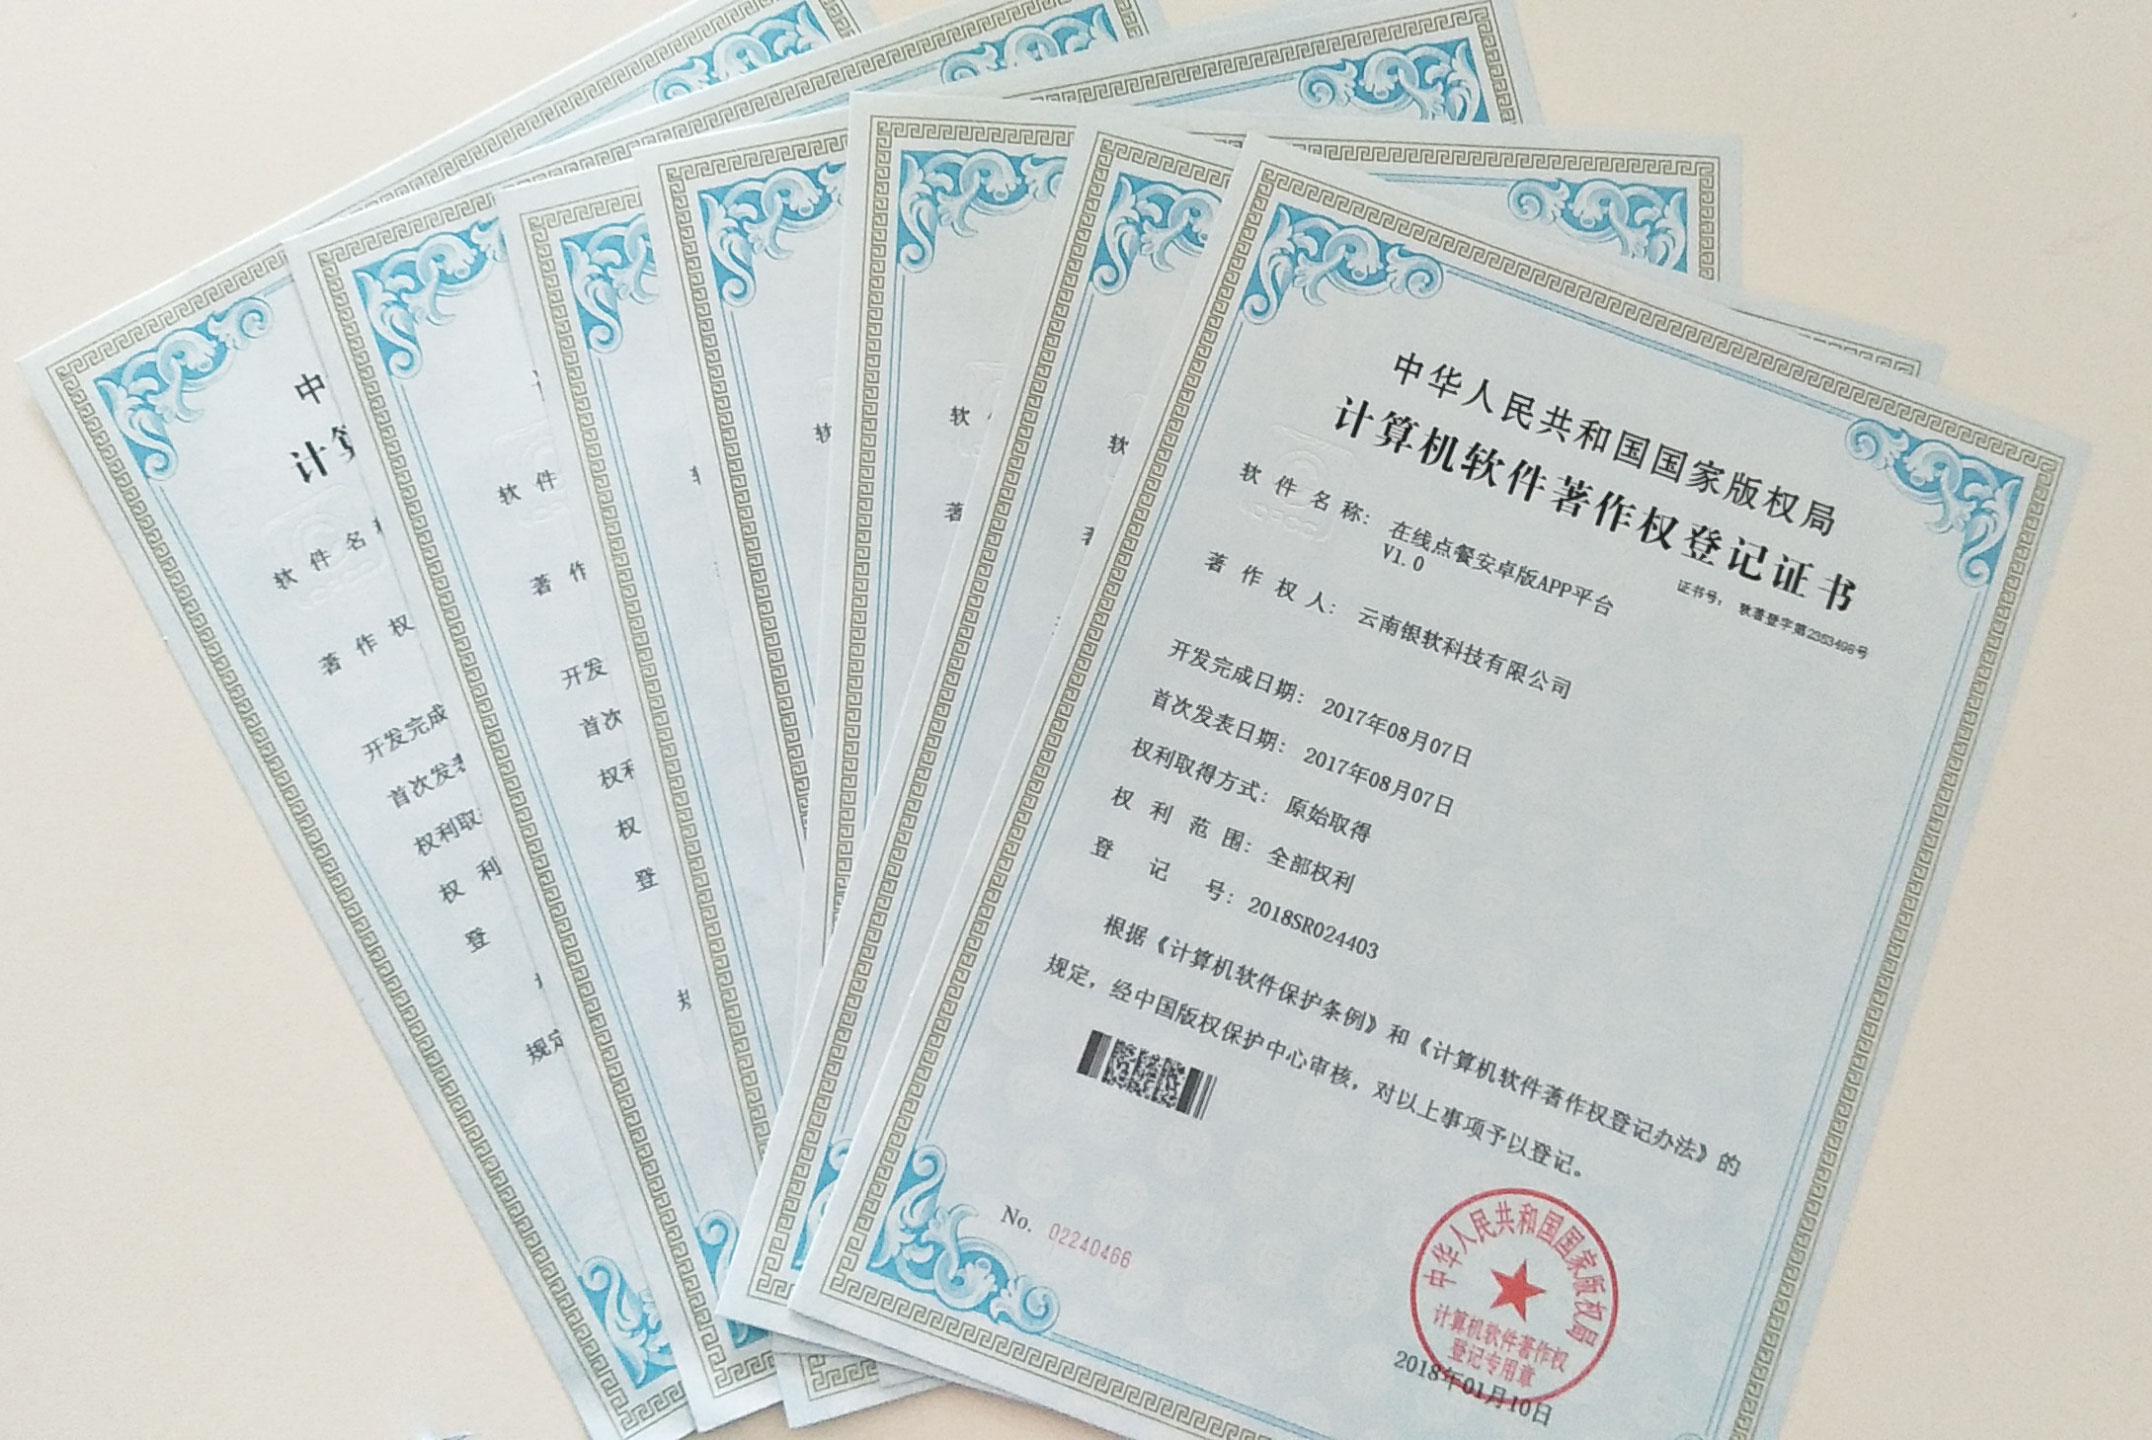 软件著作权(7项)申请成功